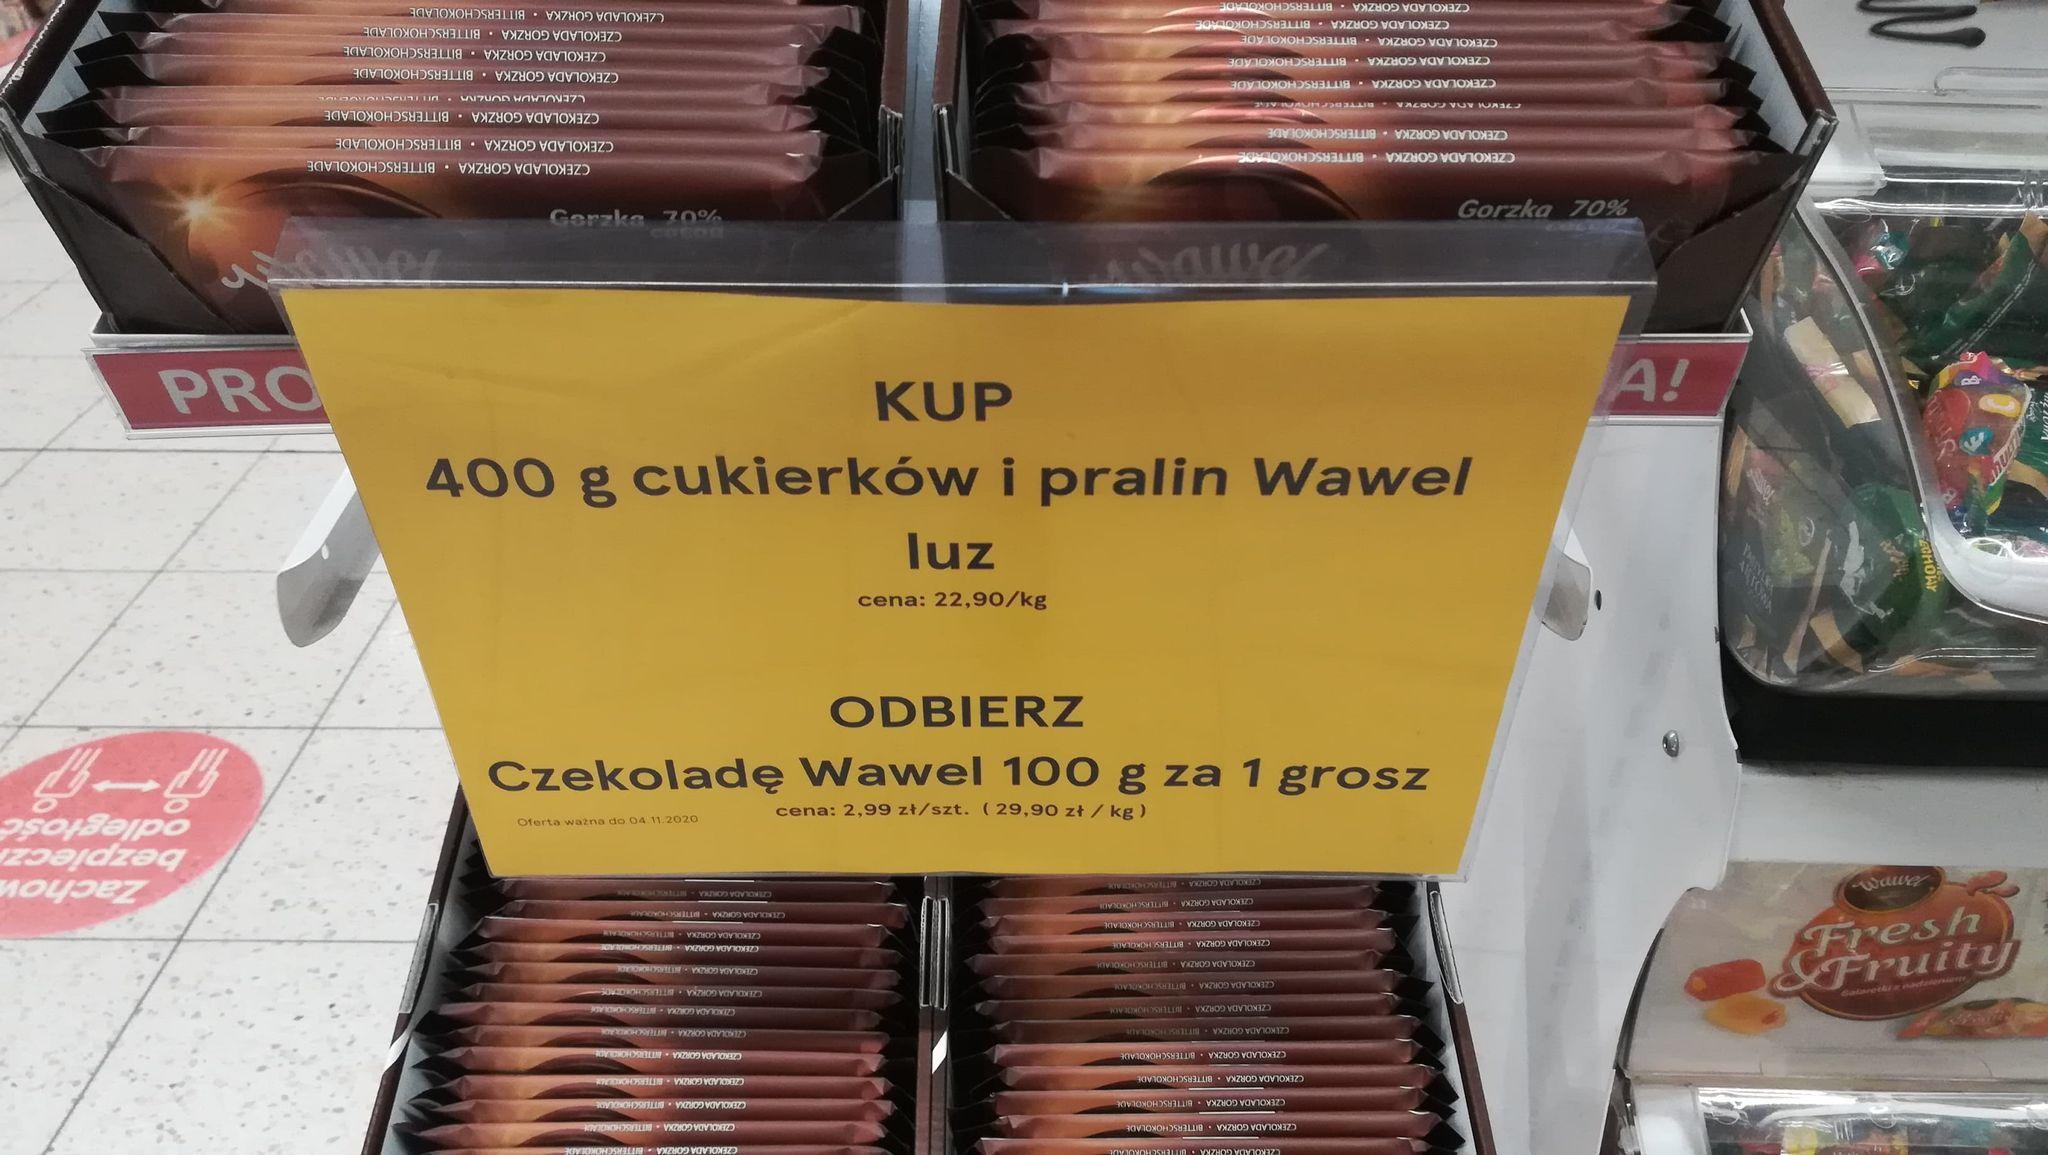 Cukierki wawel promocja, przy zakupie cukierków, pralin 400g + czekolada za grosz tesco